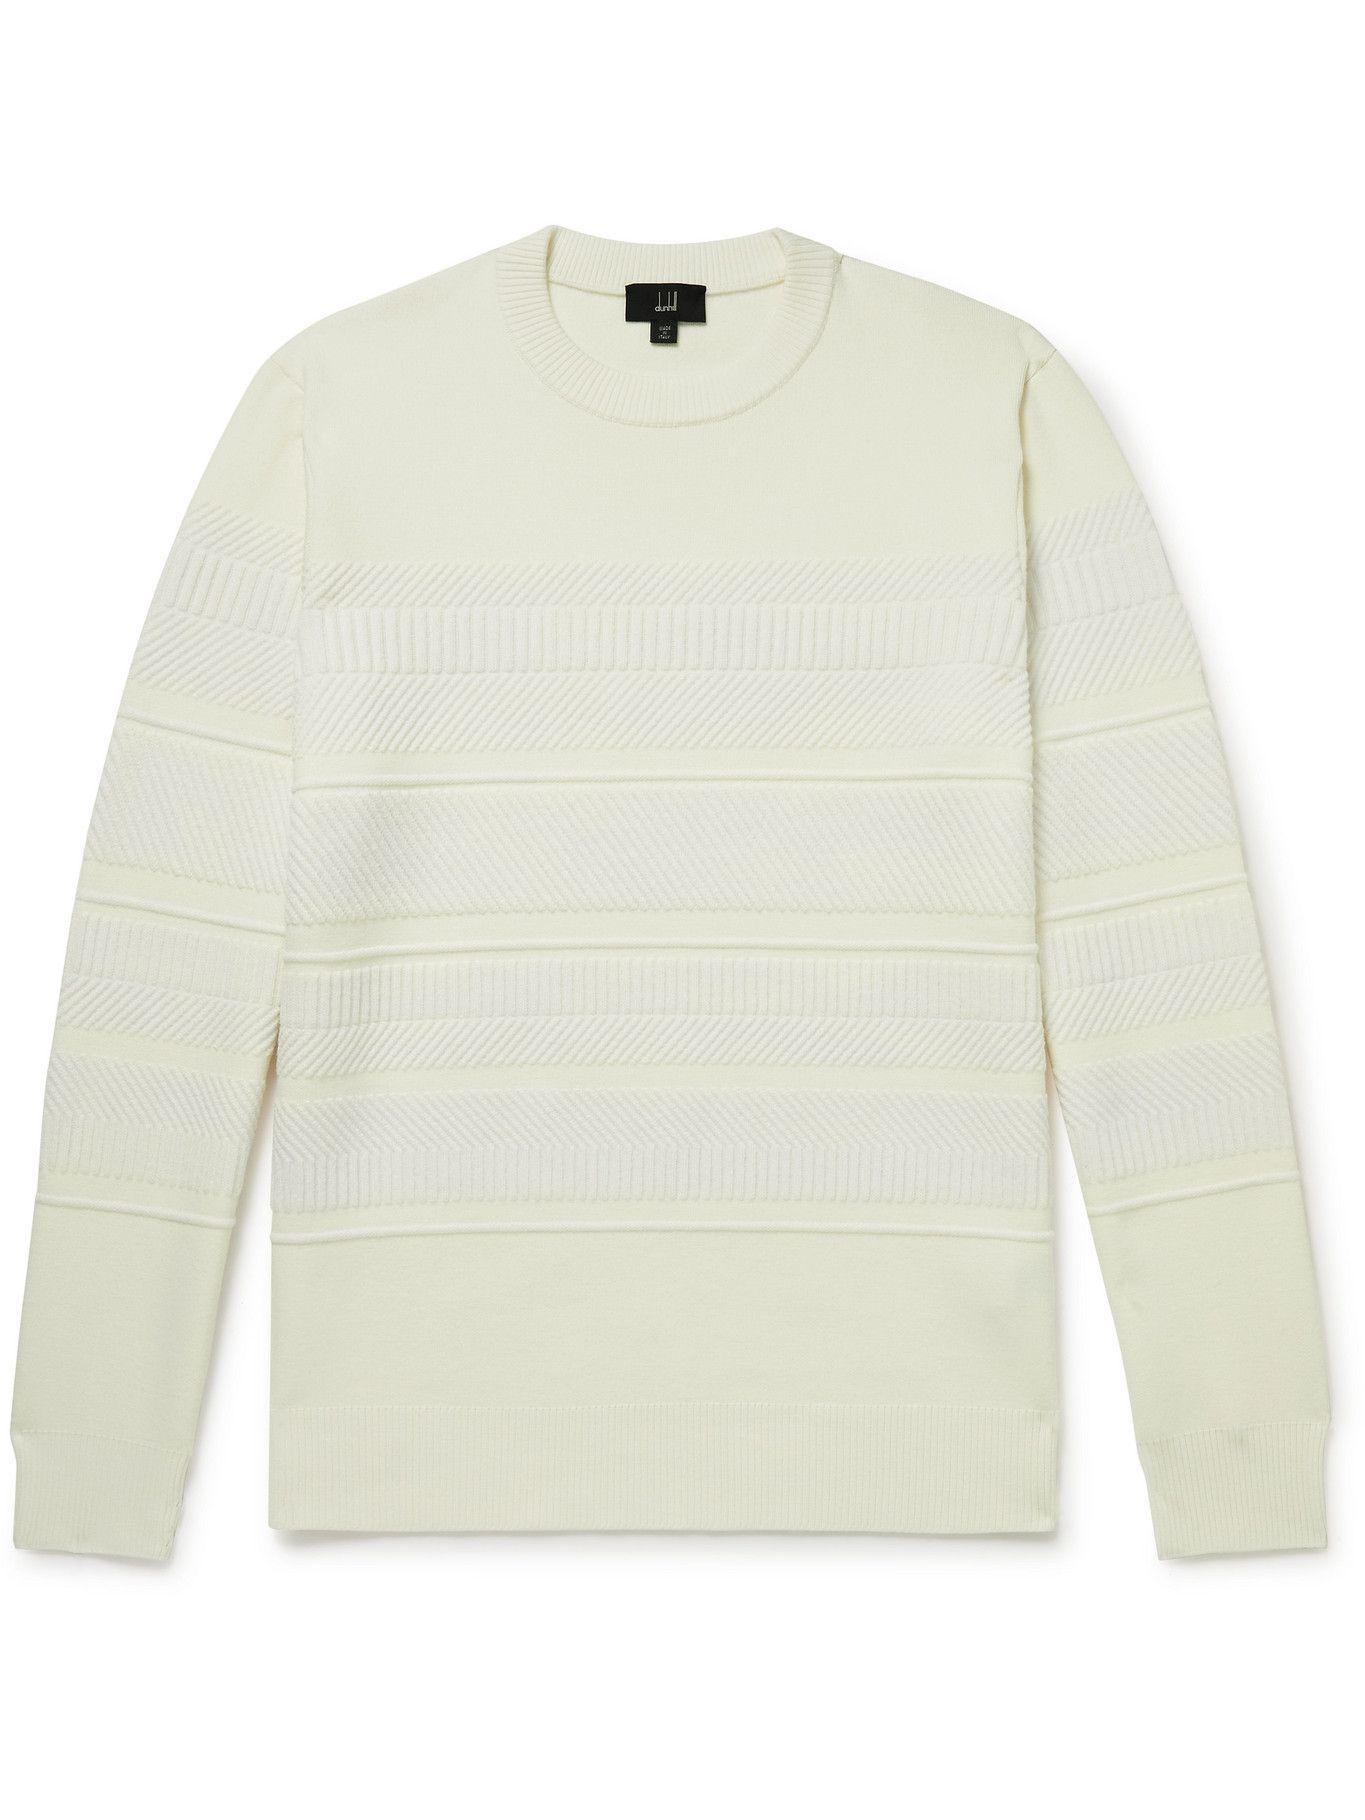 Dunhill - Gears Textured Wool-Blend Sweater - Neutrals